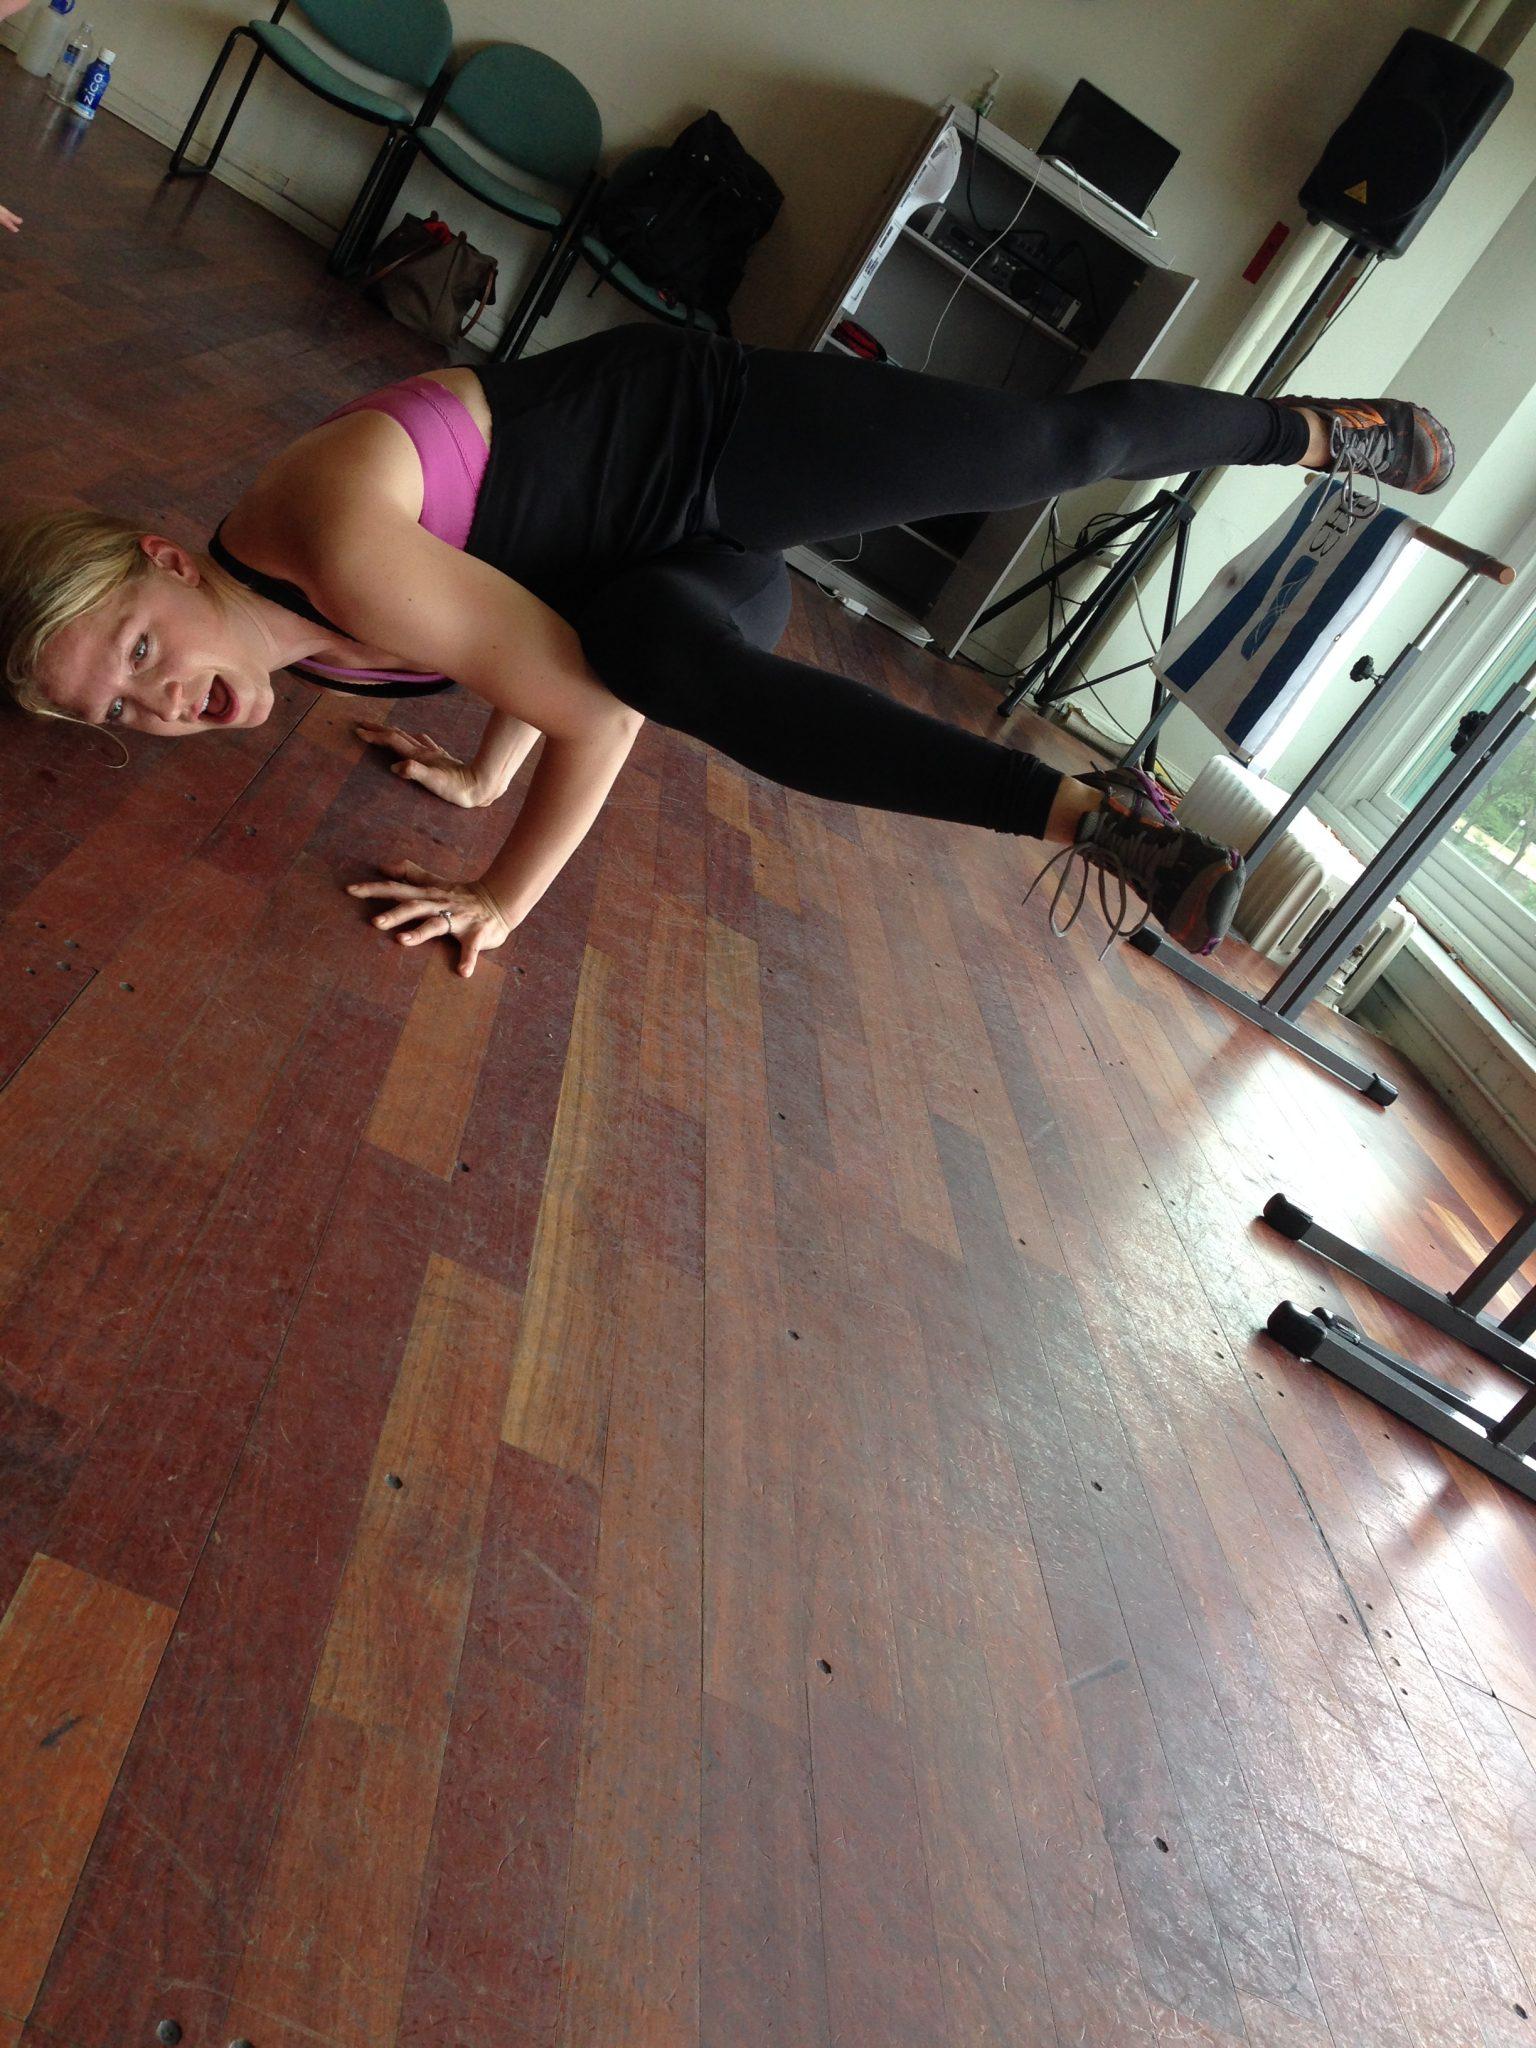 break dancing class in Chicago side freeze asweatlife fabfitchicago